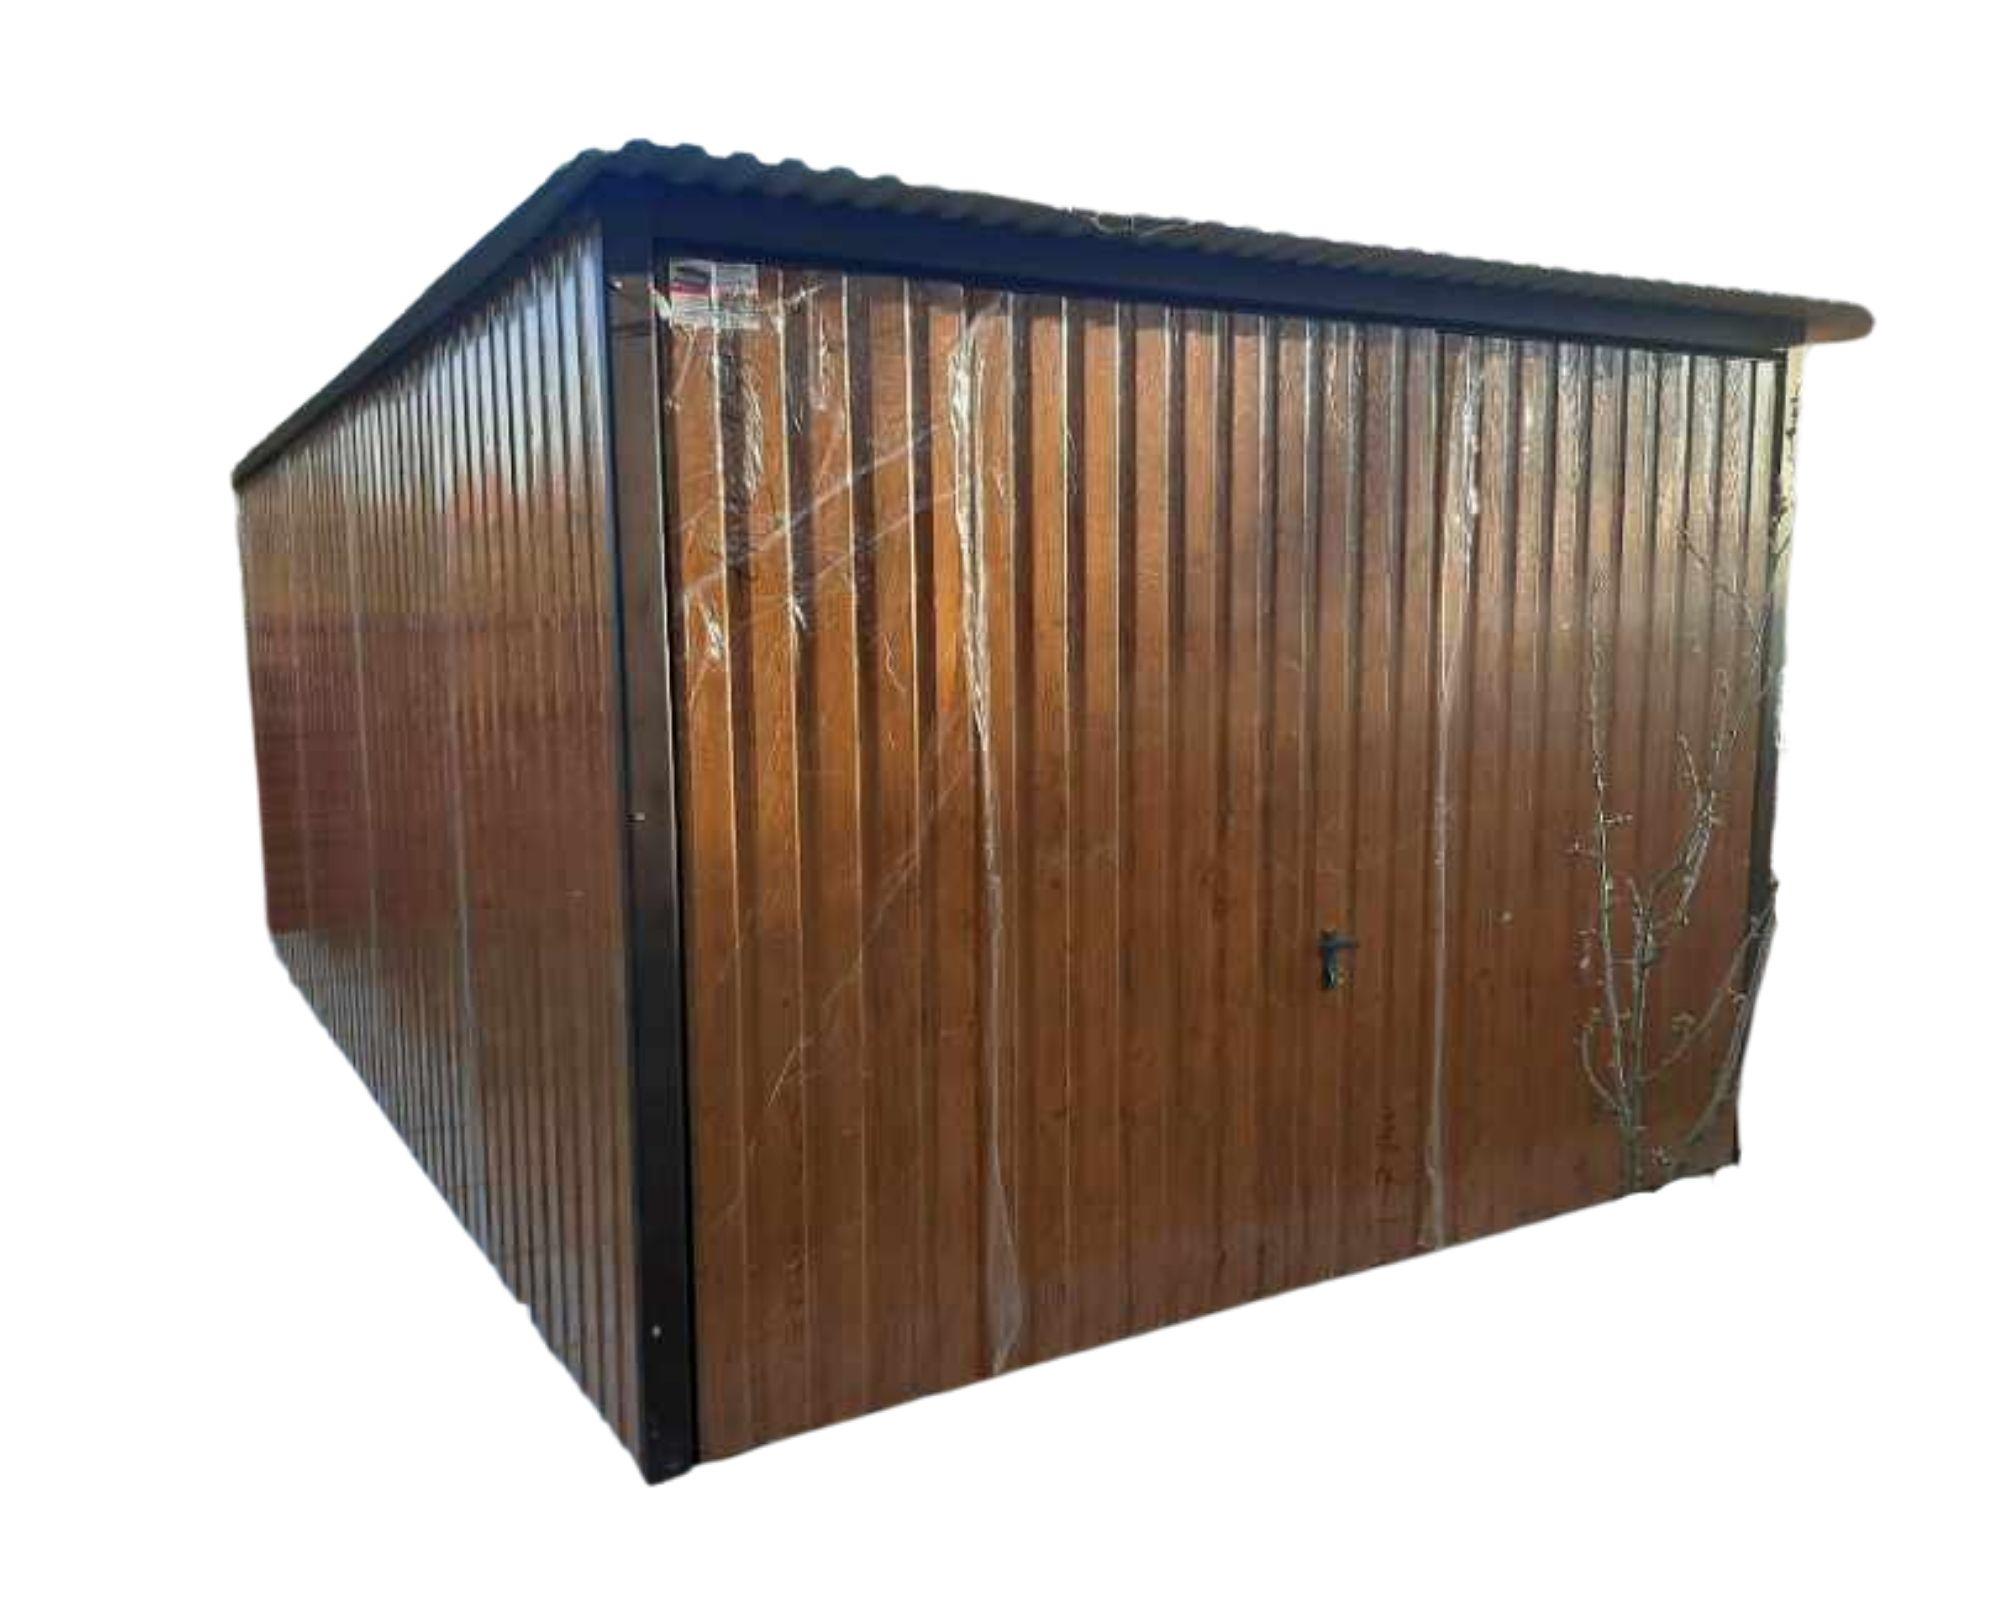 жестяные гаражи 3x5 металлическая пластина золотой дуб орех орех ворота